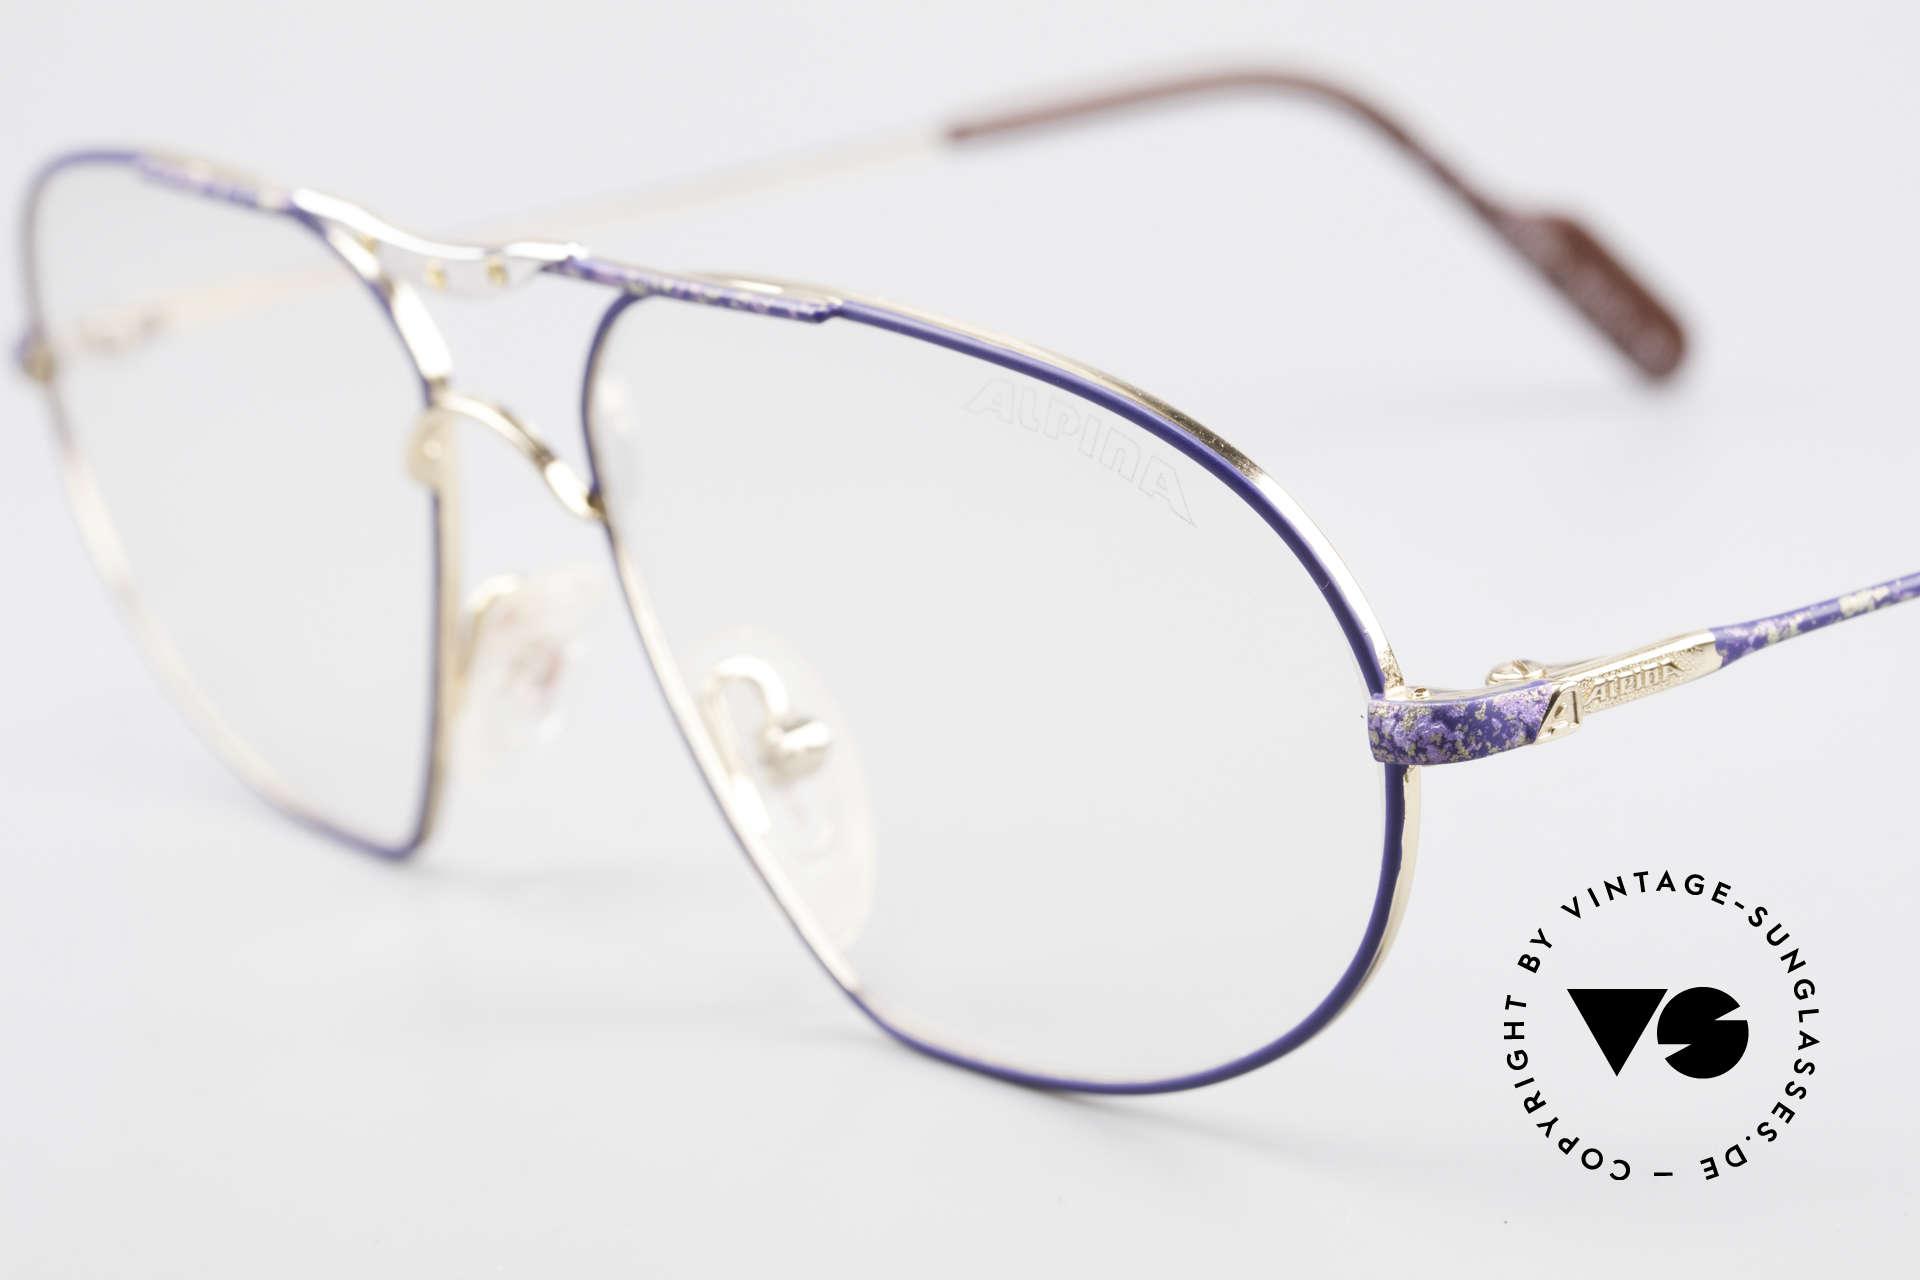 Alpina M1F755 Alte Klassische Herren Brille, ungetragen (wie alle unsere alten Brillengestelle), Passend für Herren